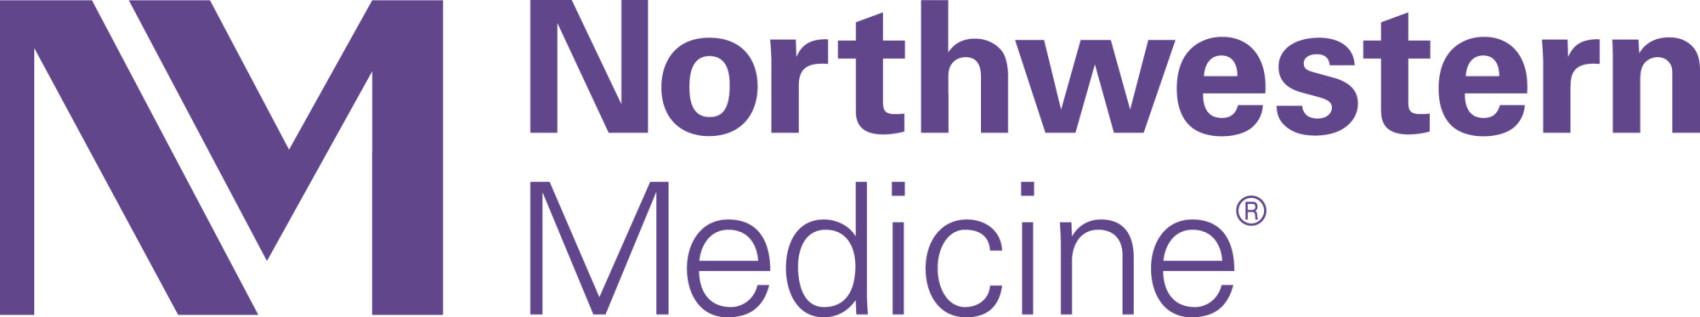 Northwestern_Medicine-Logo-Large-RGB-w2000-w1700.jpg